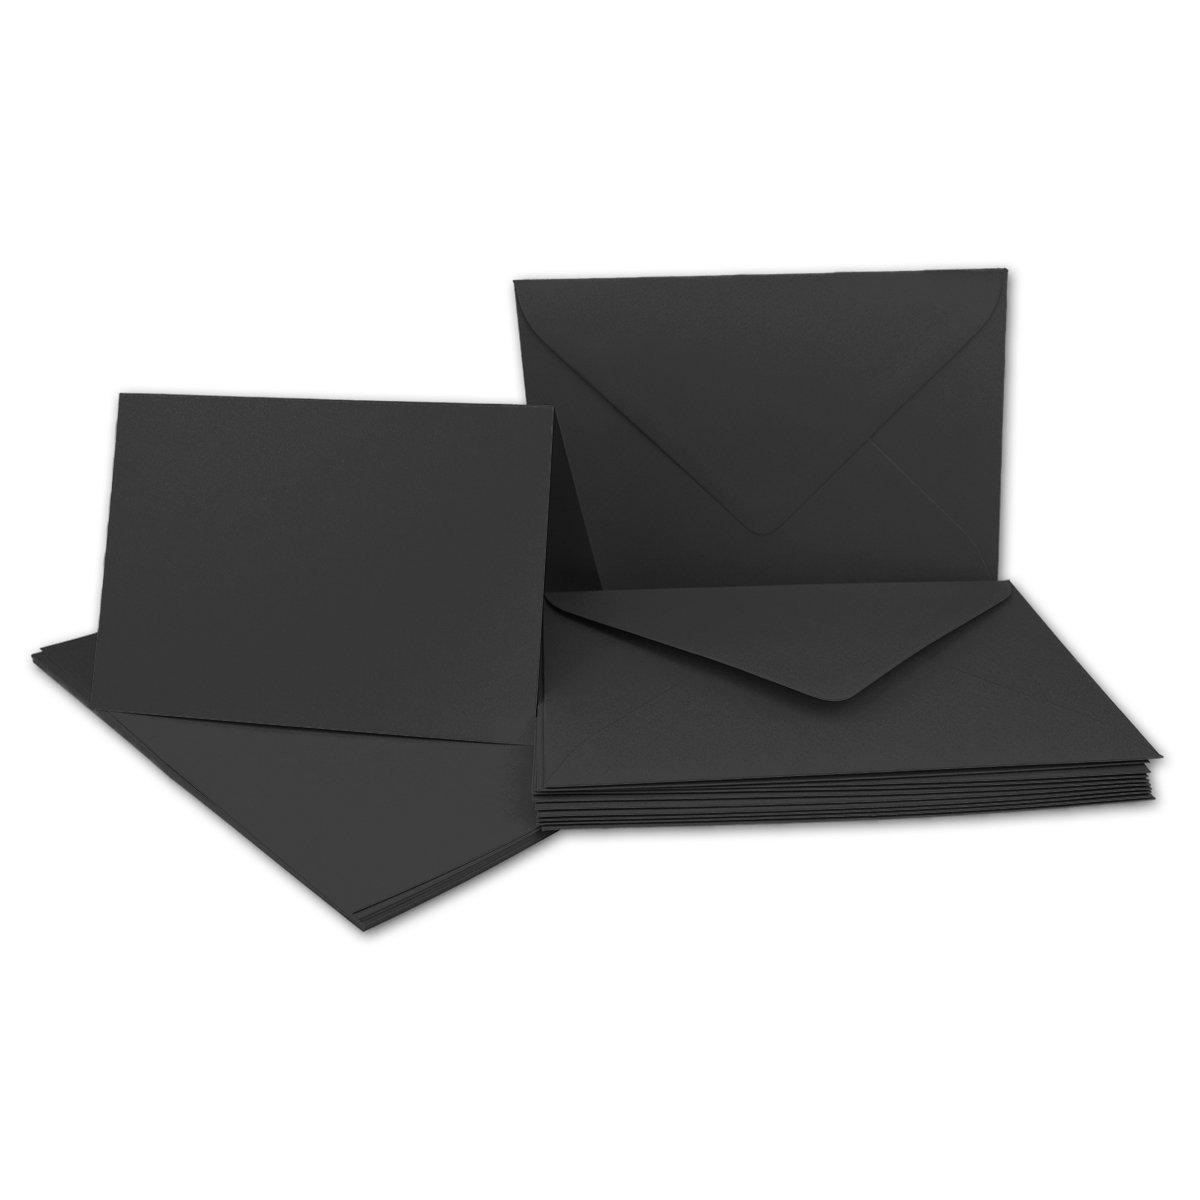 Faltkarten Set mit Brief-Umschlägen DIN A6   C6 in Rosanrot   100 Sets   14,8 x 10,5 cm   Premium Qualität   Serie FarbenFroh® B07B2WDTCL | Moderate Kosten